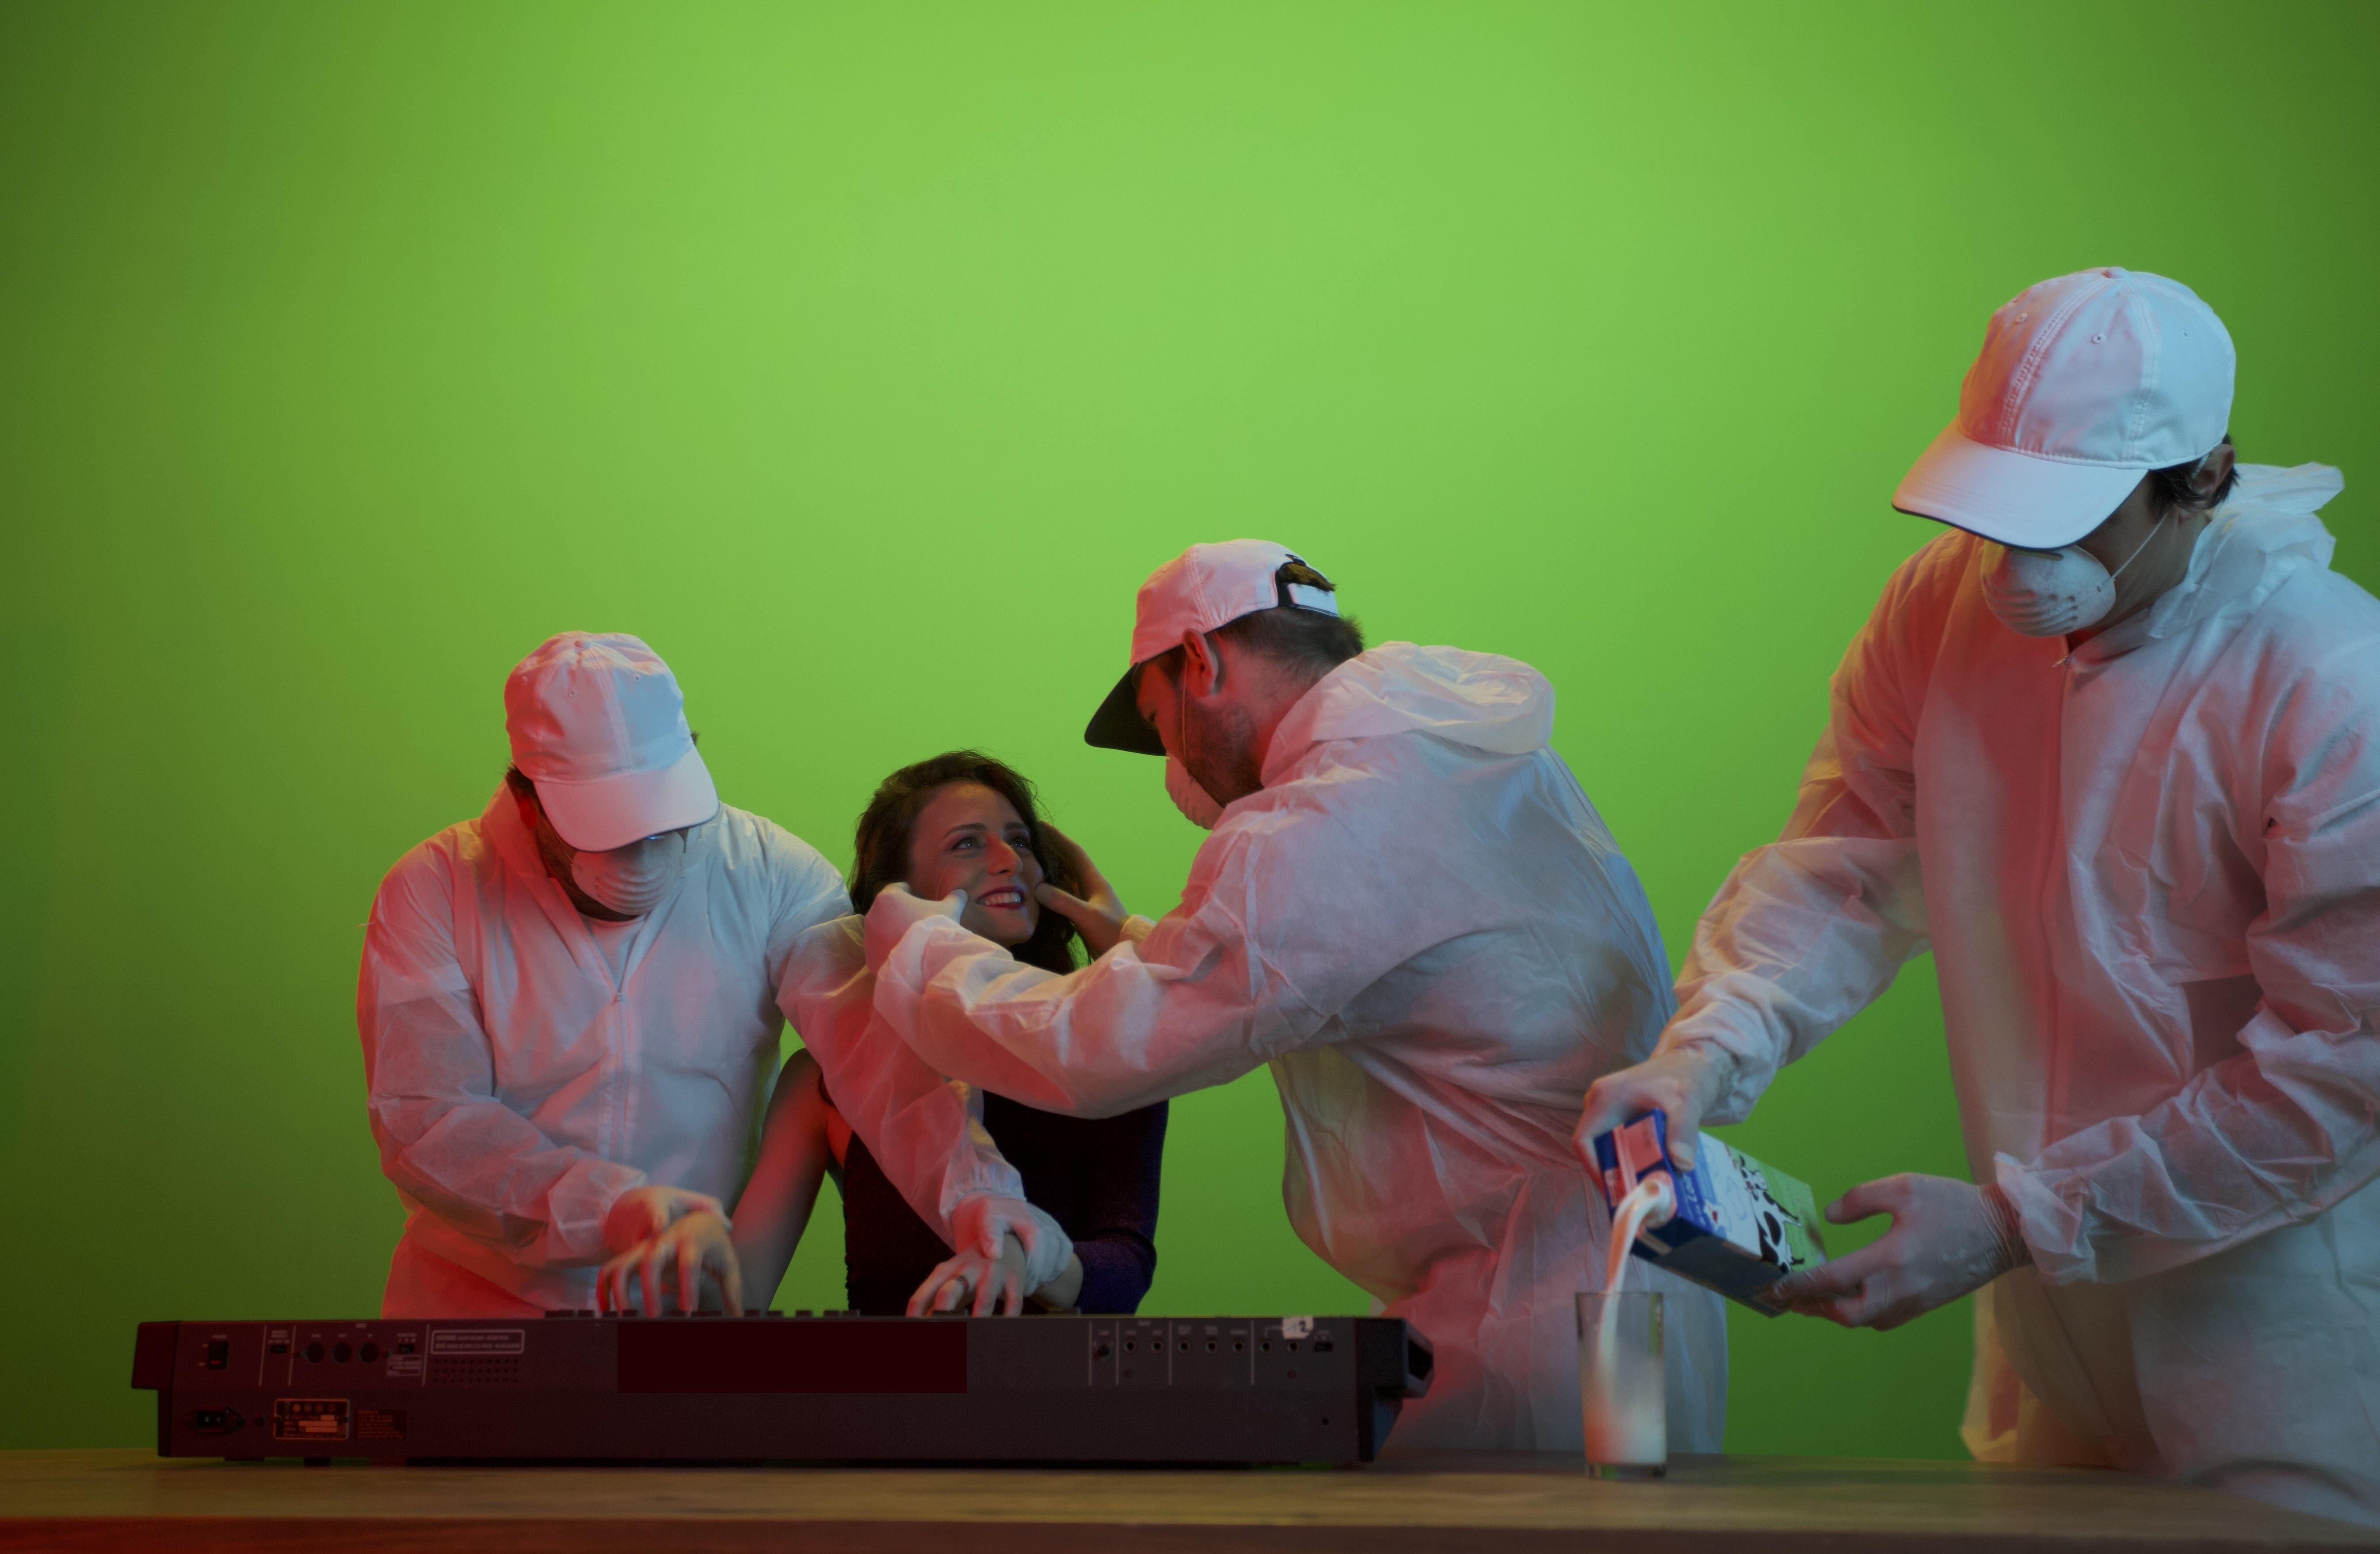 """Sôliz : coulisses du clip """"Nuage Ravage"""" par Simon Picazos fond vert, comédiens, chanteuse)"""